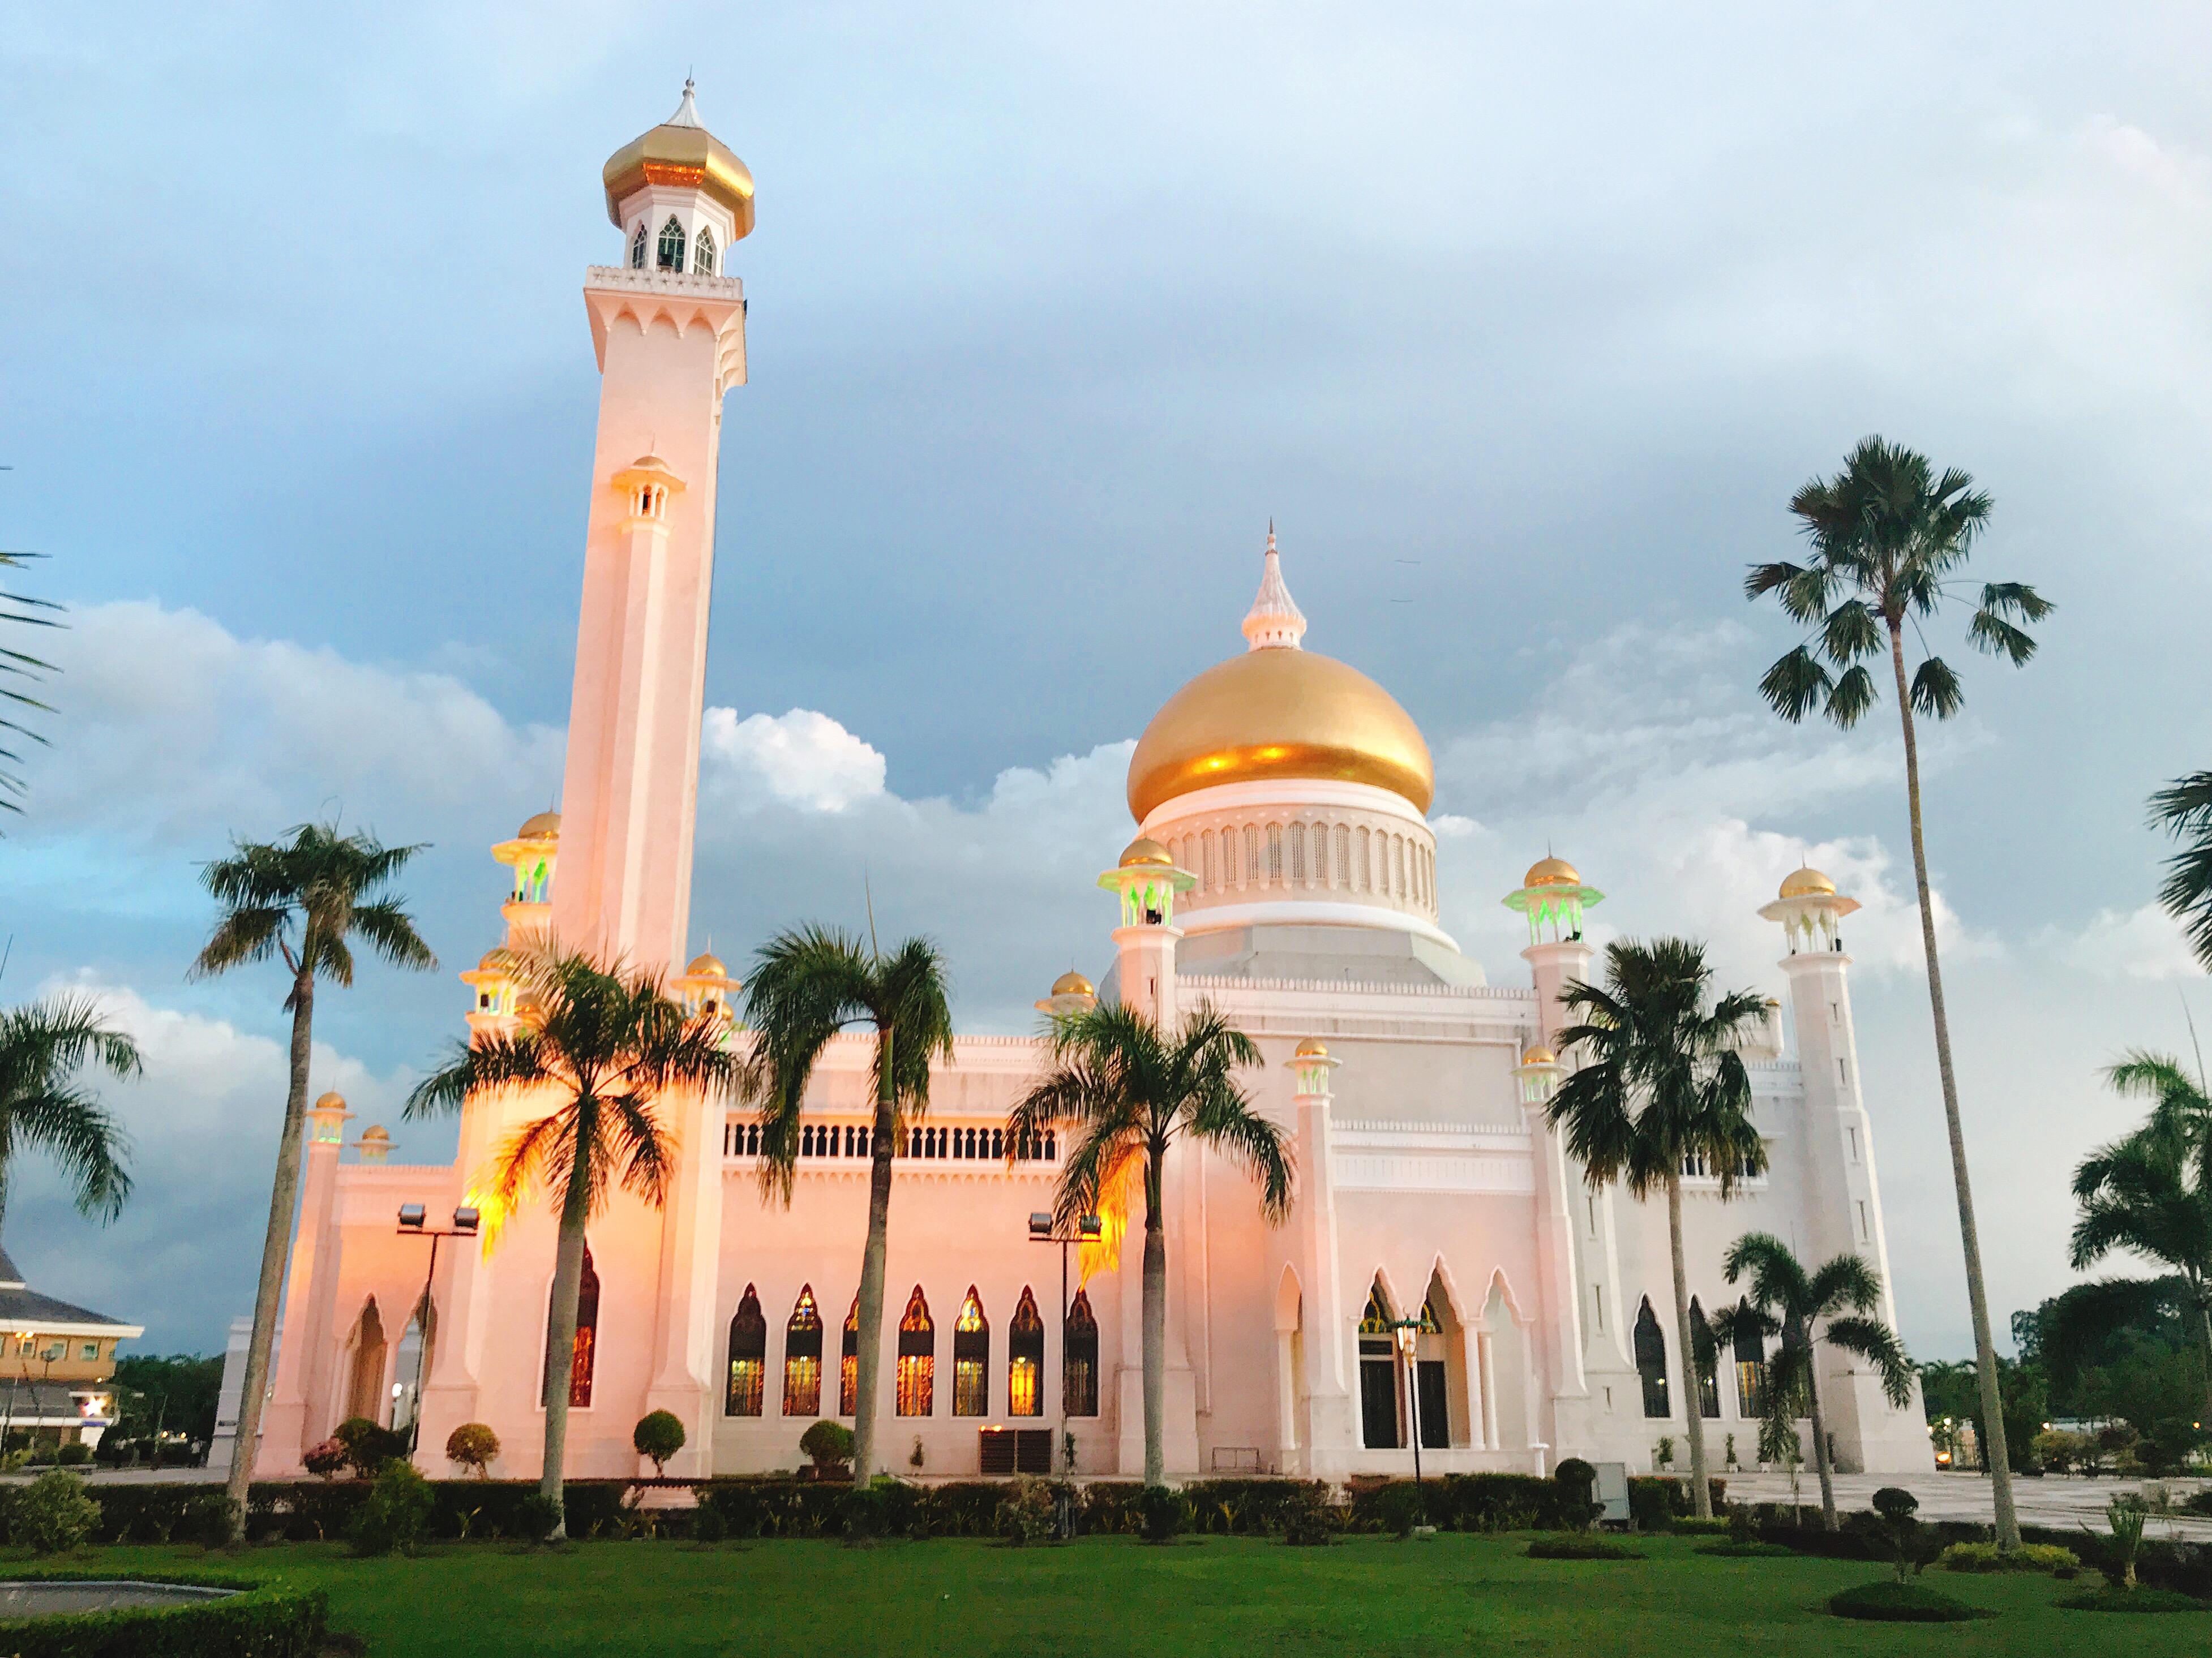 夕暮れ時のオールドモスク